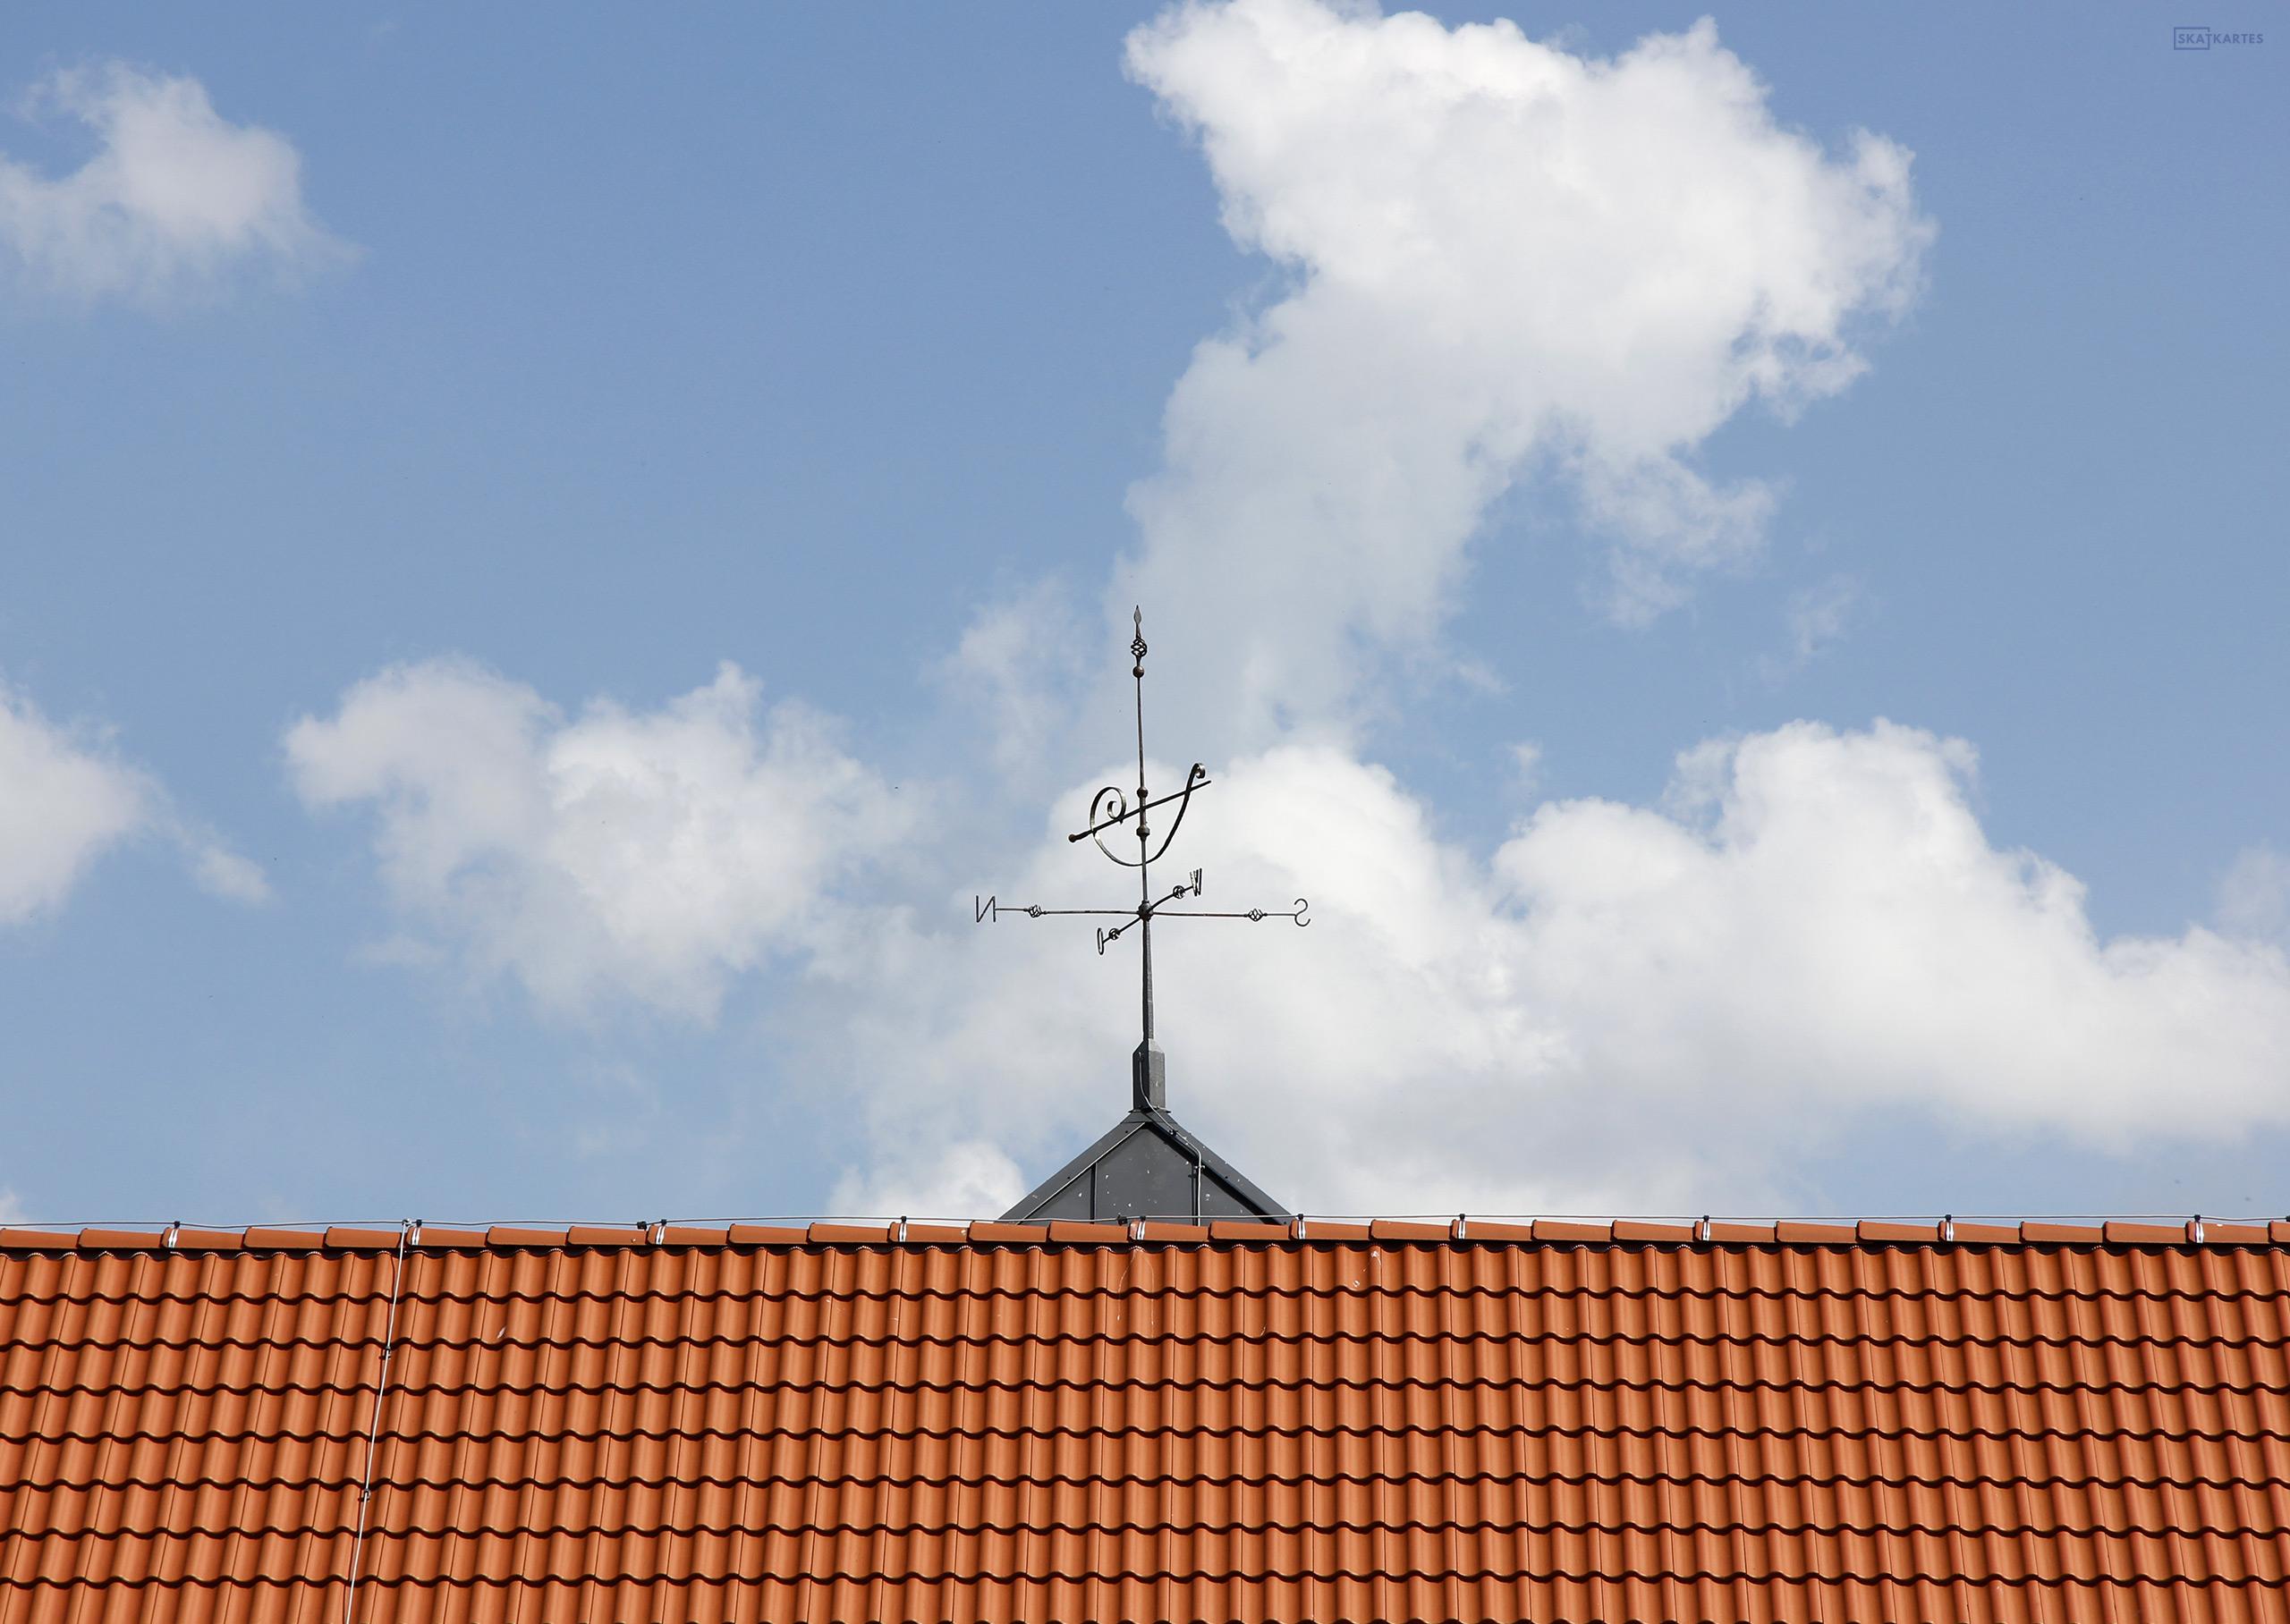 """Skatkarte Nr. 1205 - Naktsmītnes """"Āķagals"""" jumts un vējrādis, Pāvilosta (2016. gada maijs)."""